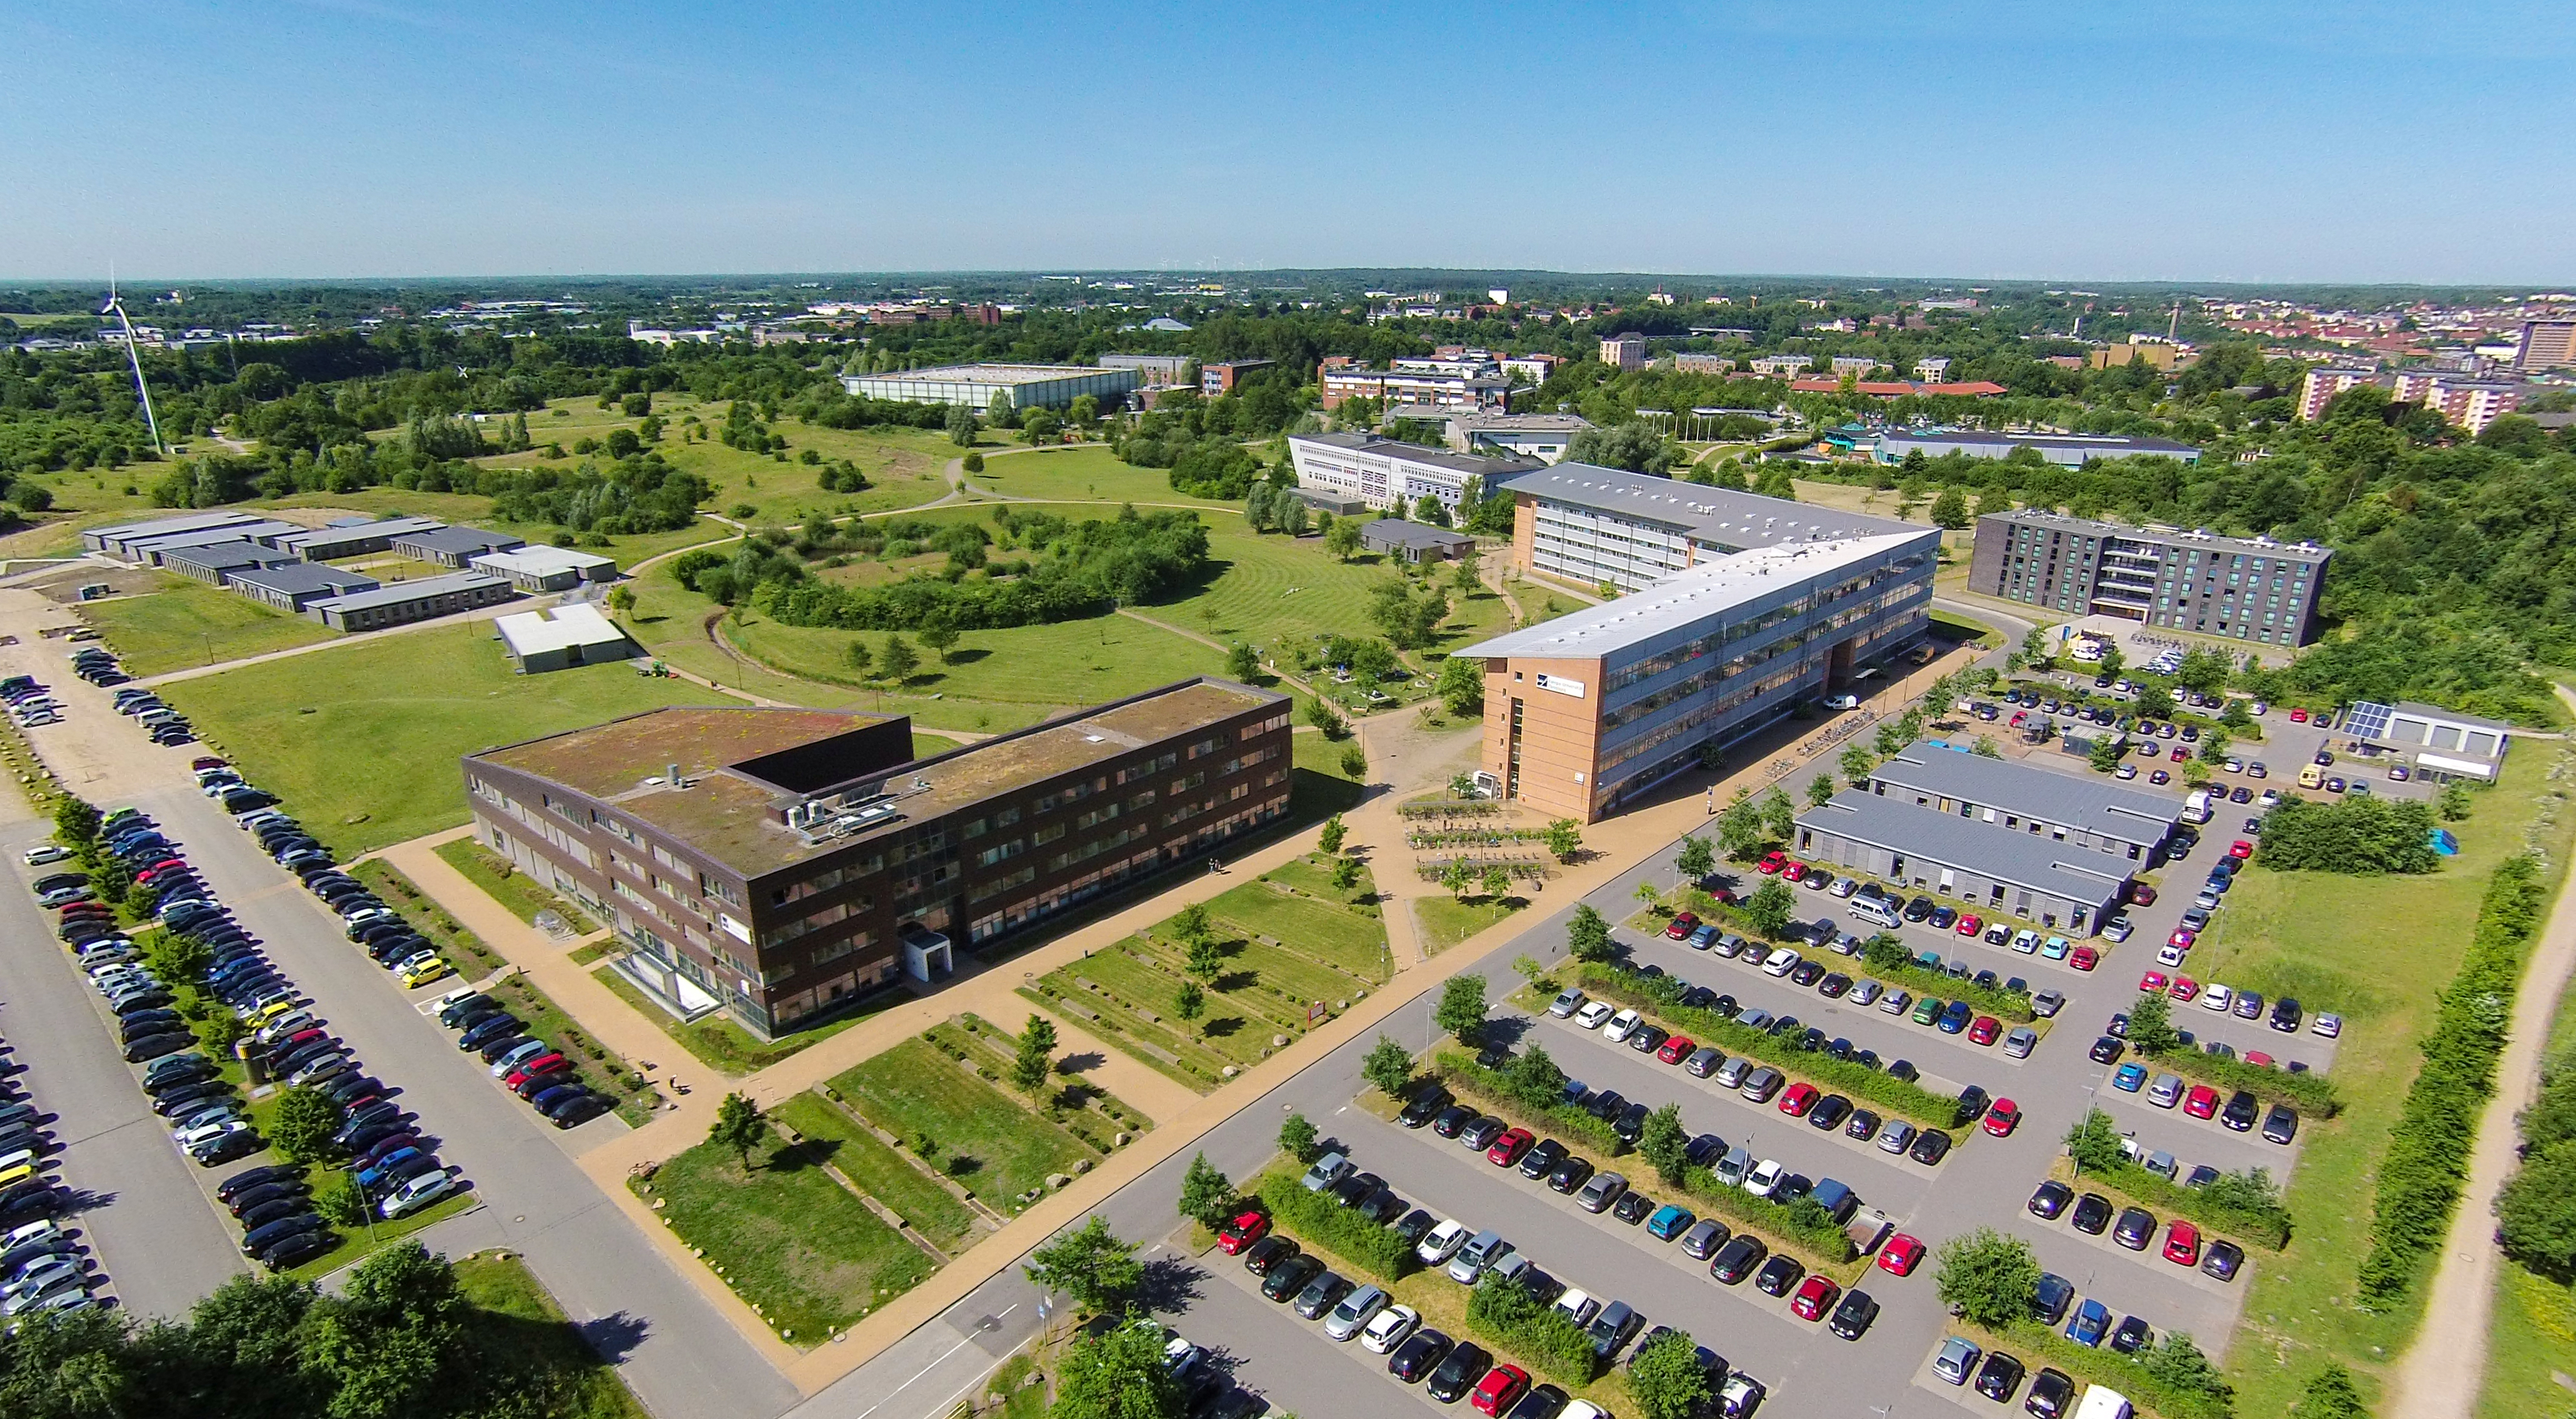 Luftaufnahme des Flensburger Campus